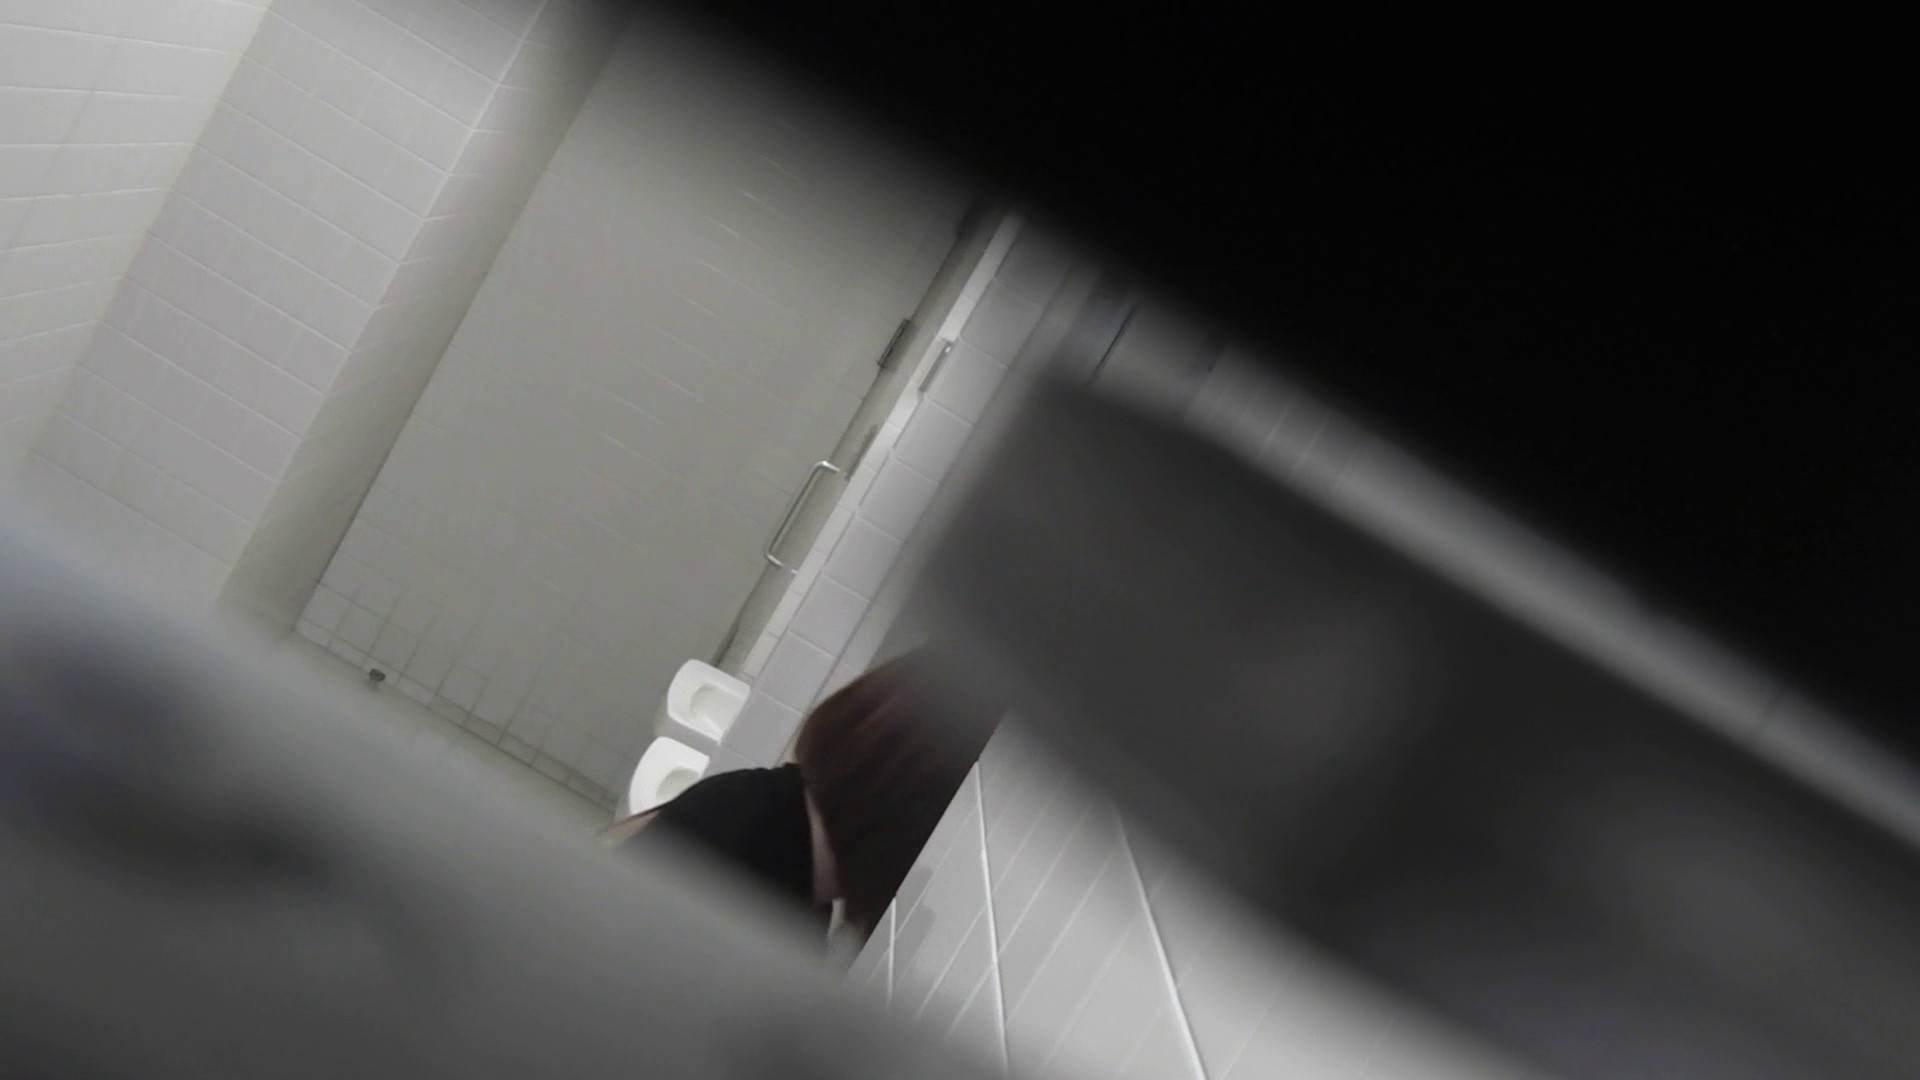 ハメ撮り|お銀さんの「洗面所突入レポート!!」Nol.20 総合編|怪盗ジョーカー